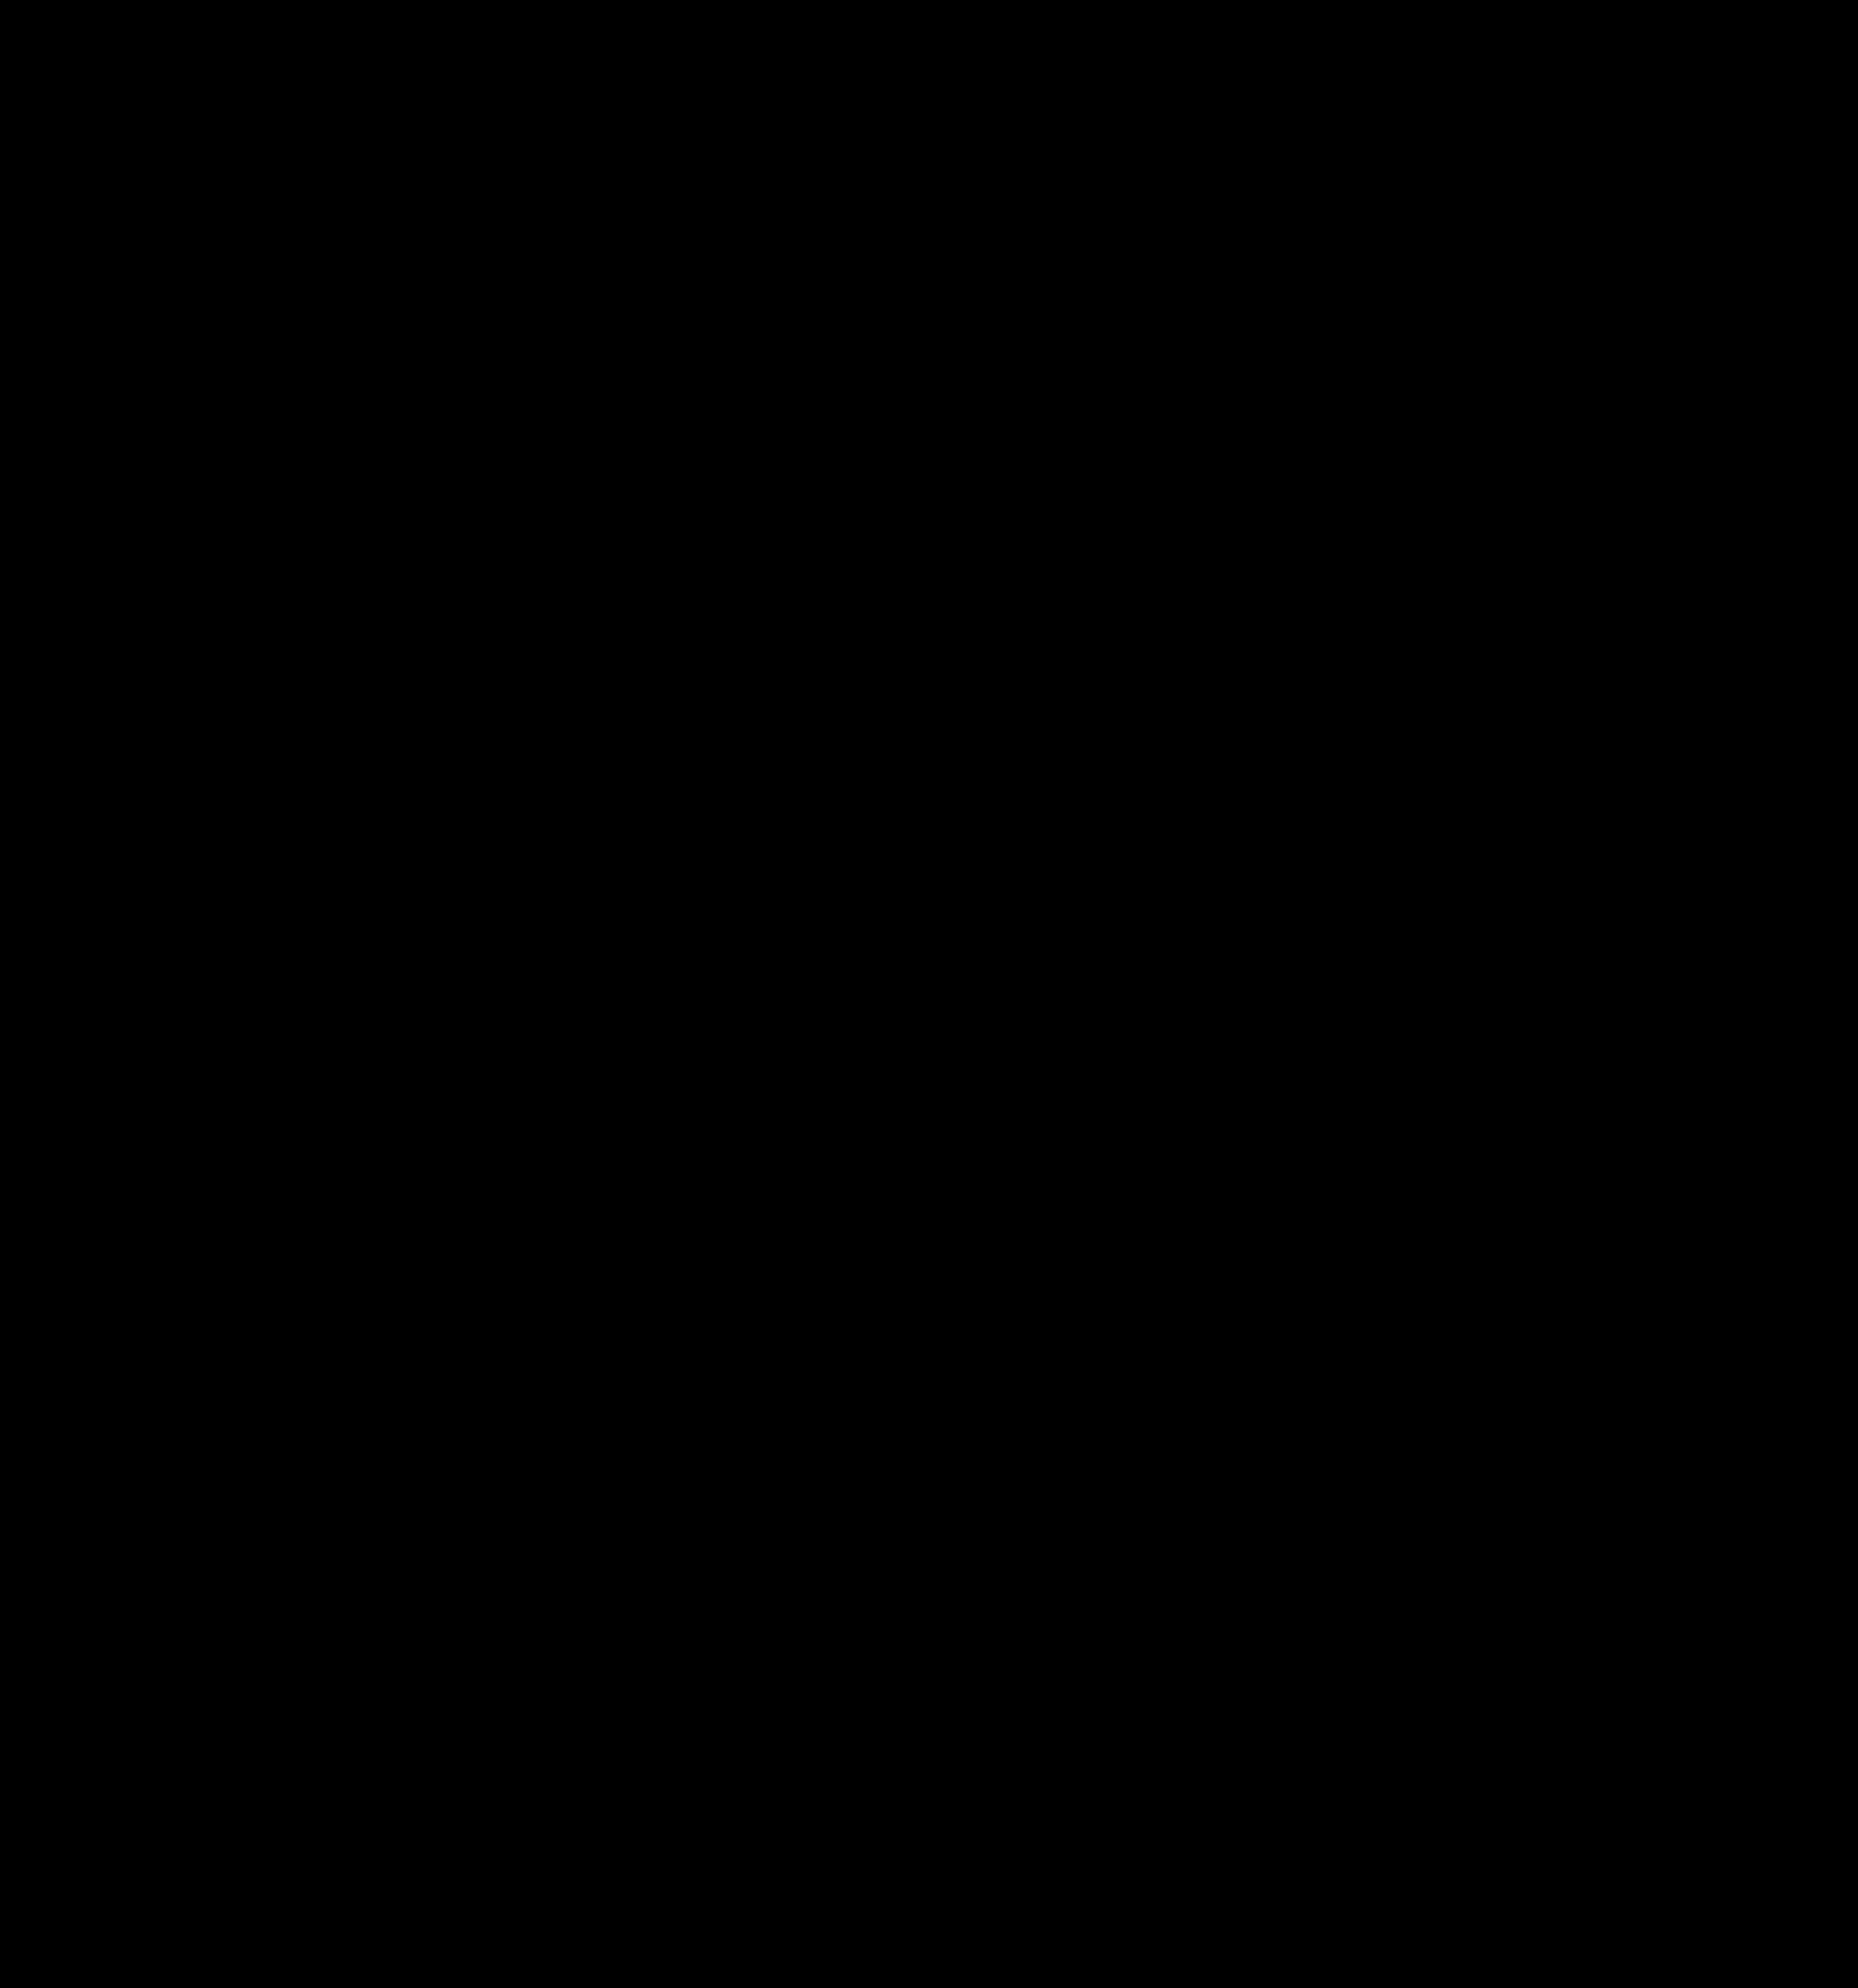 BlacklistLogoOnWhite-04.png